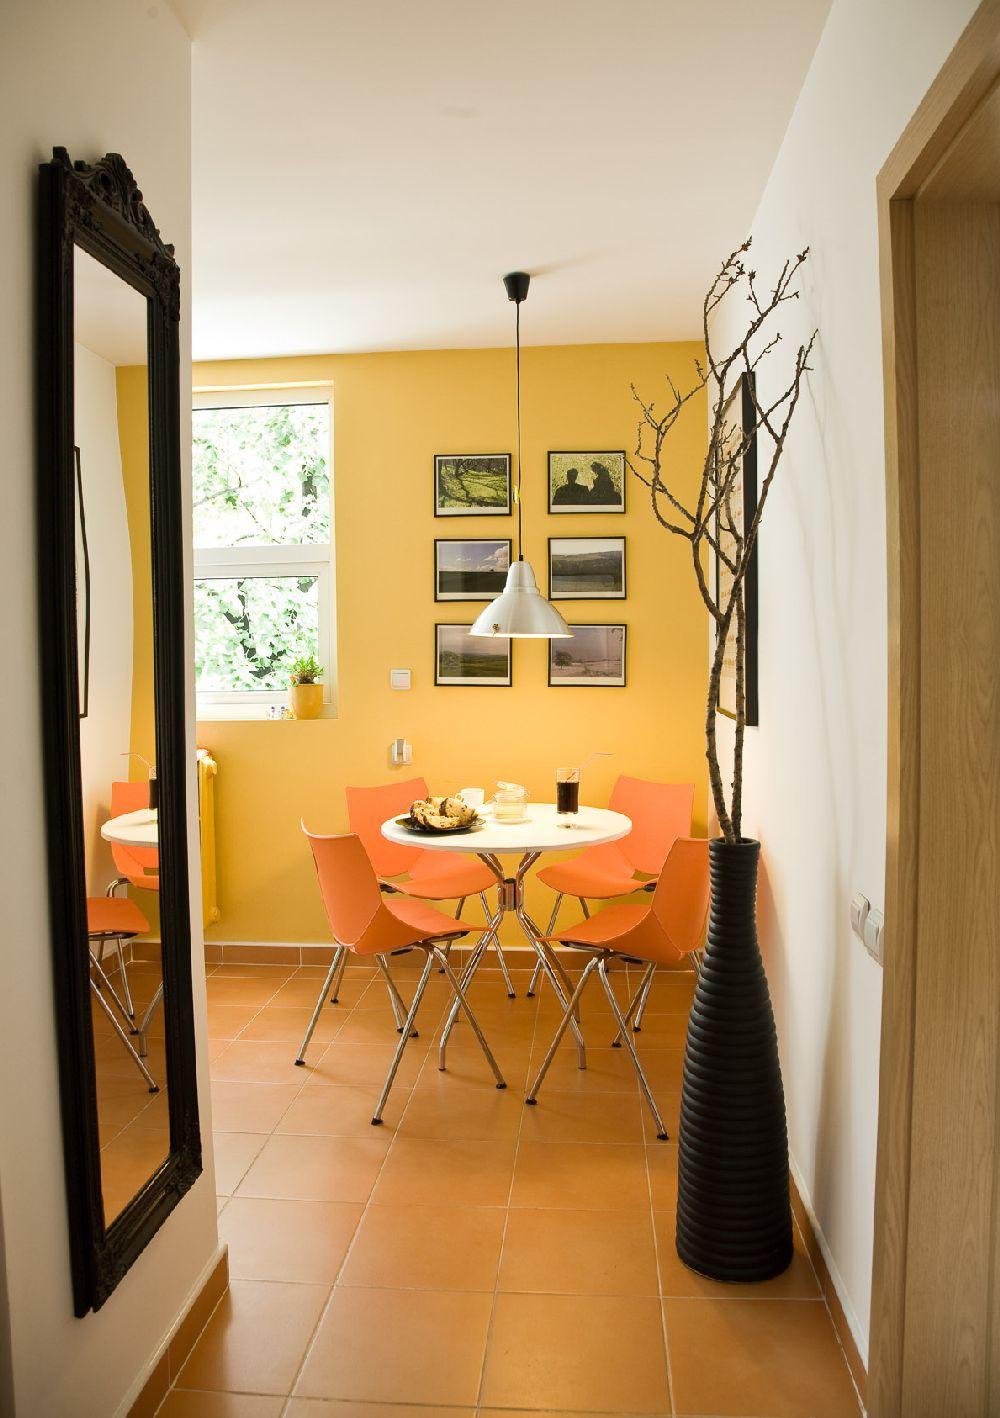 adelaparvu.com despre amenajare apartament de 2 camere Bucuresti, designer Constantin Alupoaei, Foto IzziDesign, Dan Vezentan (8)